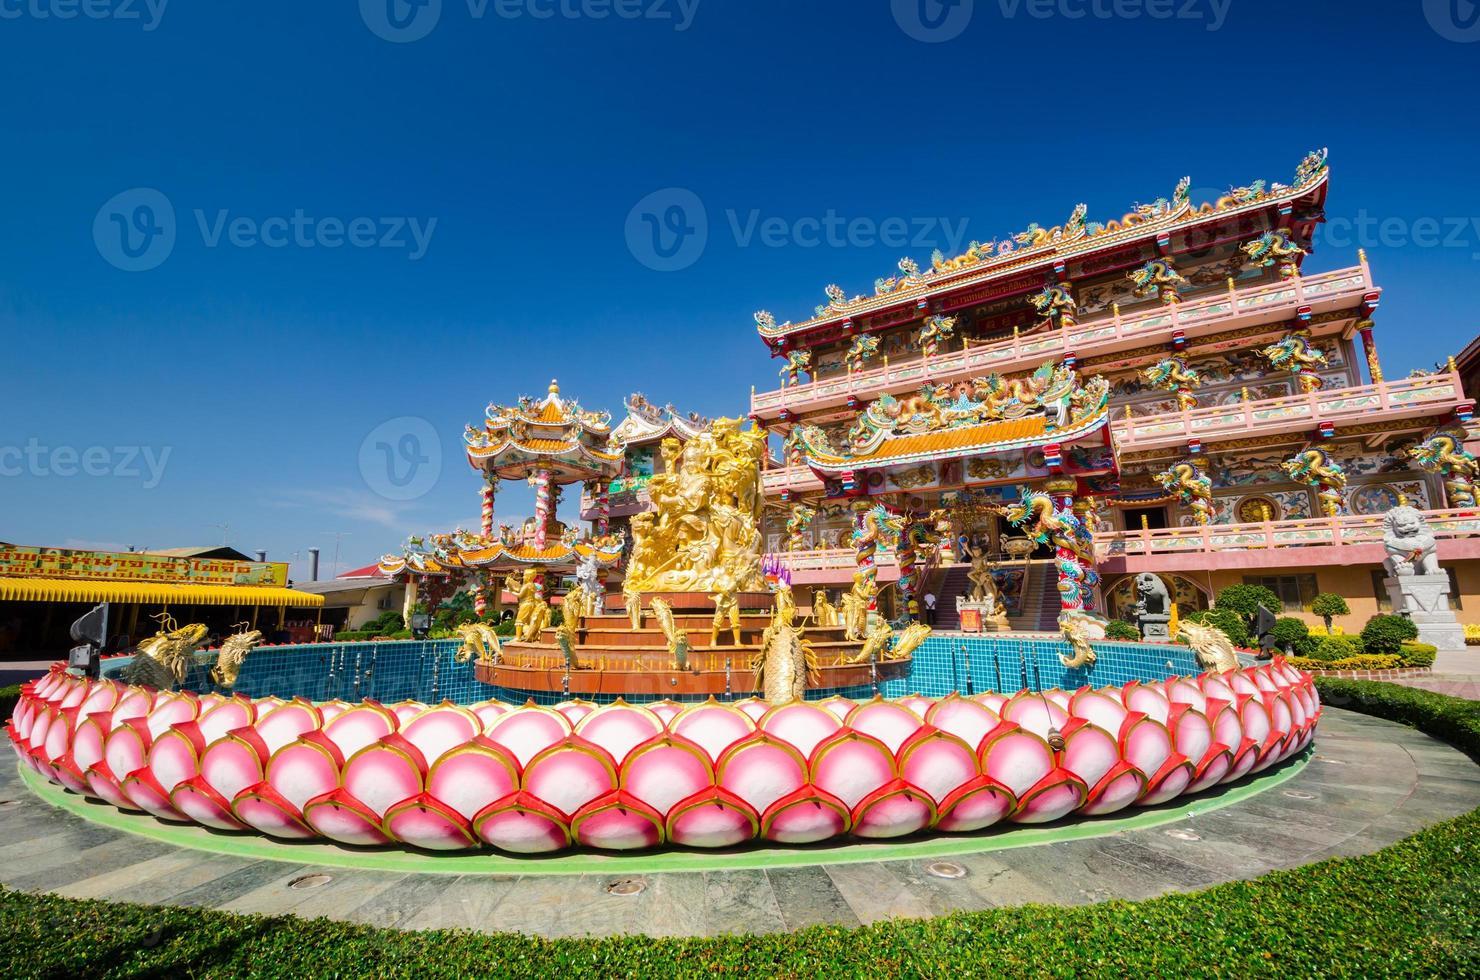 Naja-Statue des chinesischen Schreintempels, Chonburi, Thailand foto